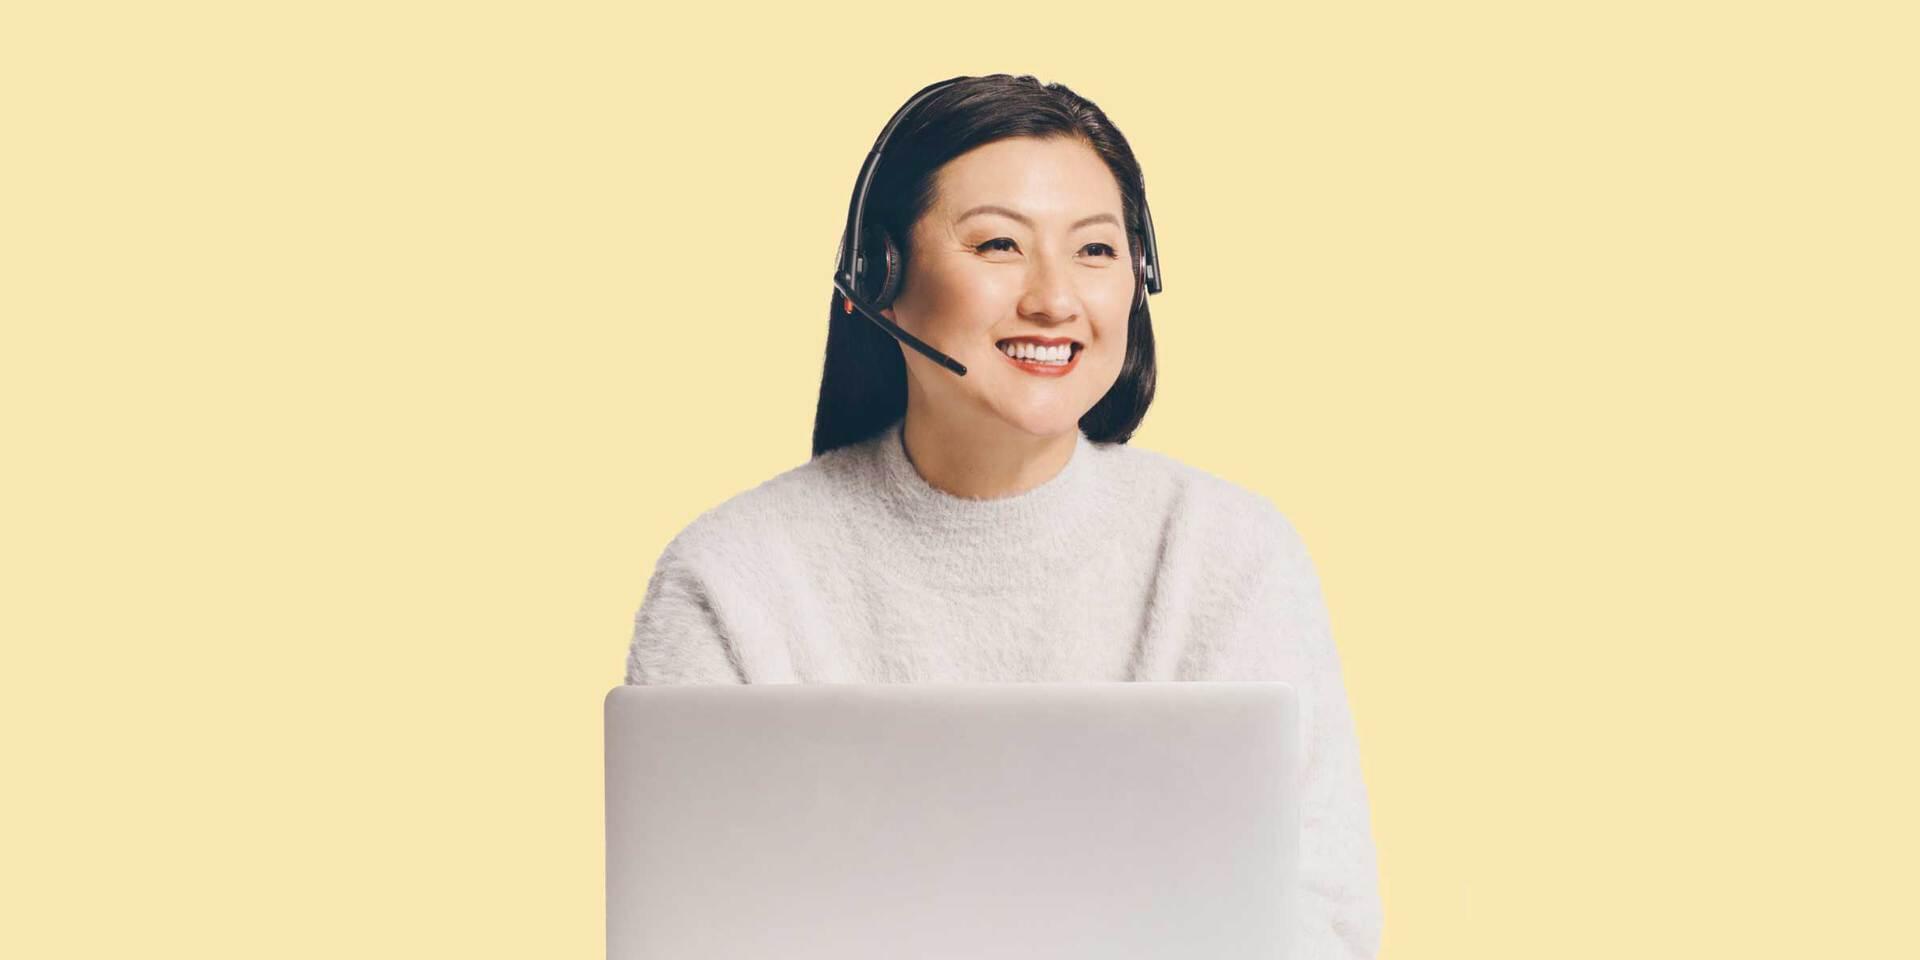 tipos de call center